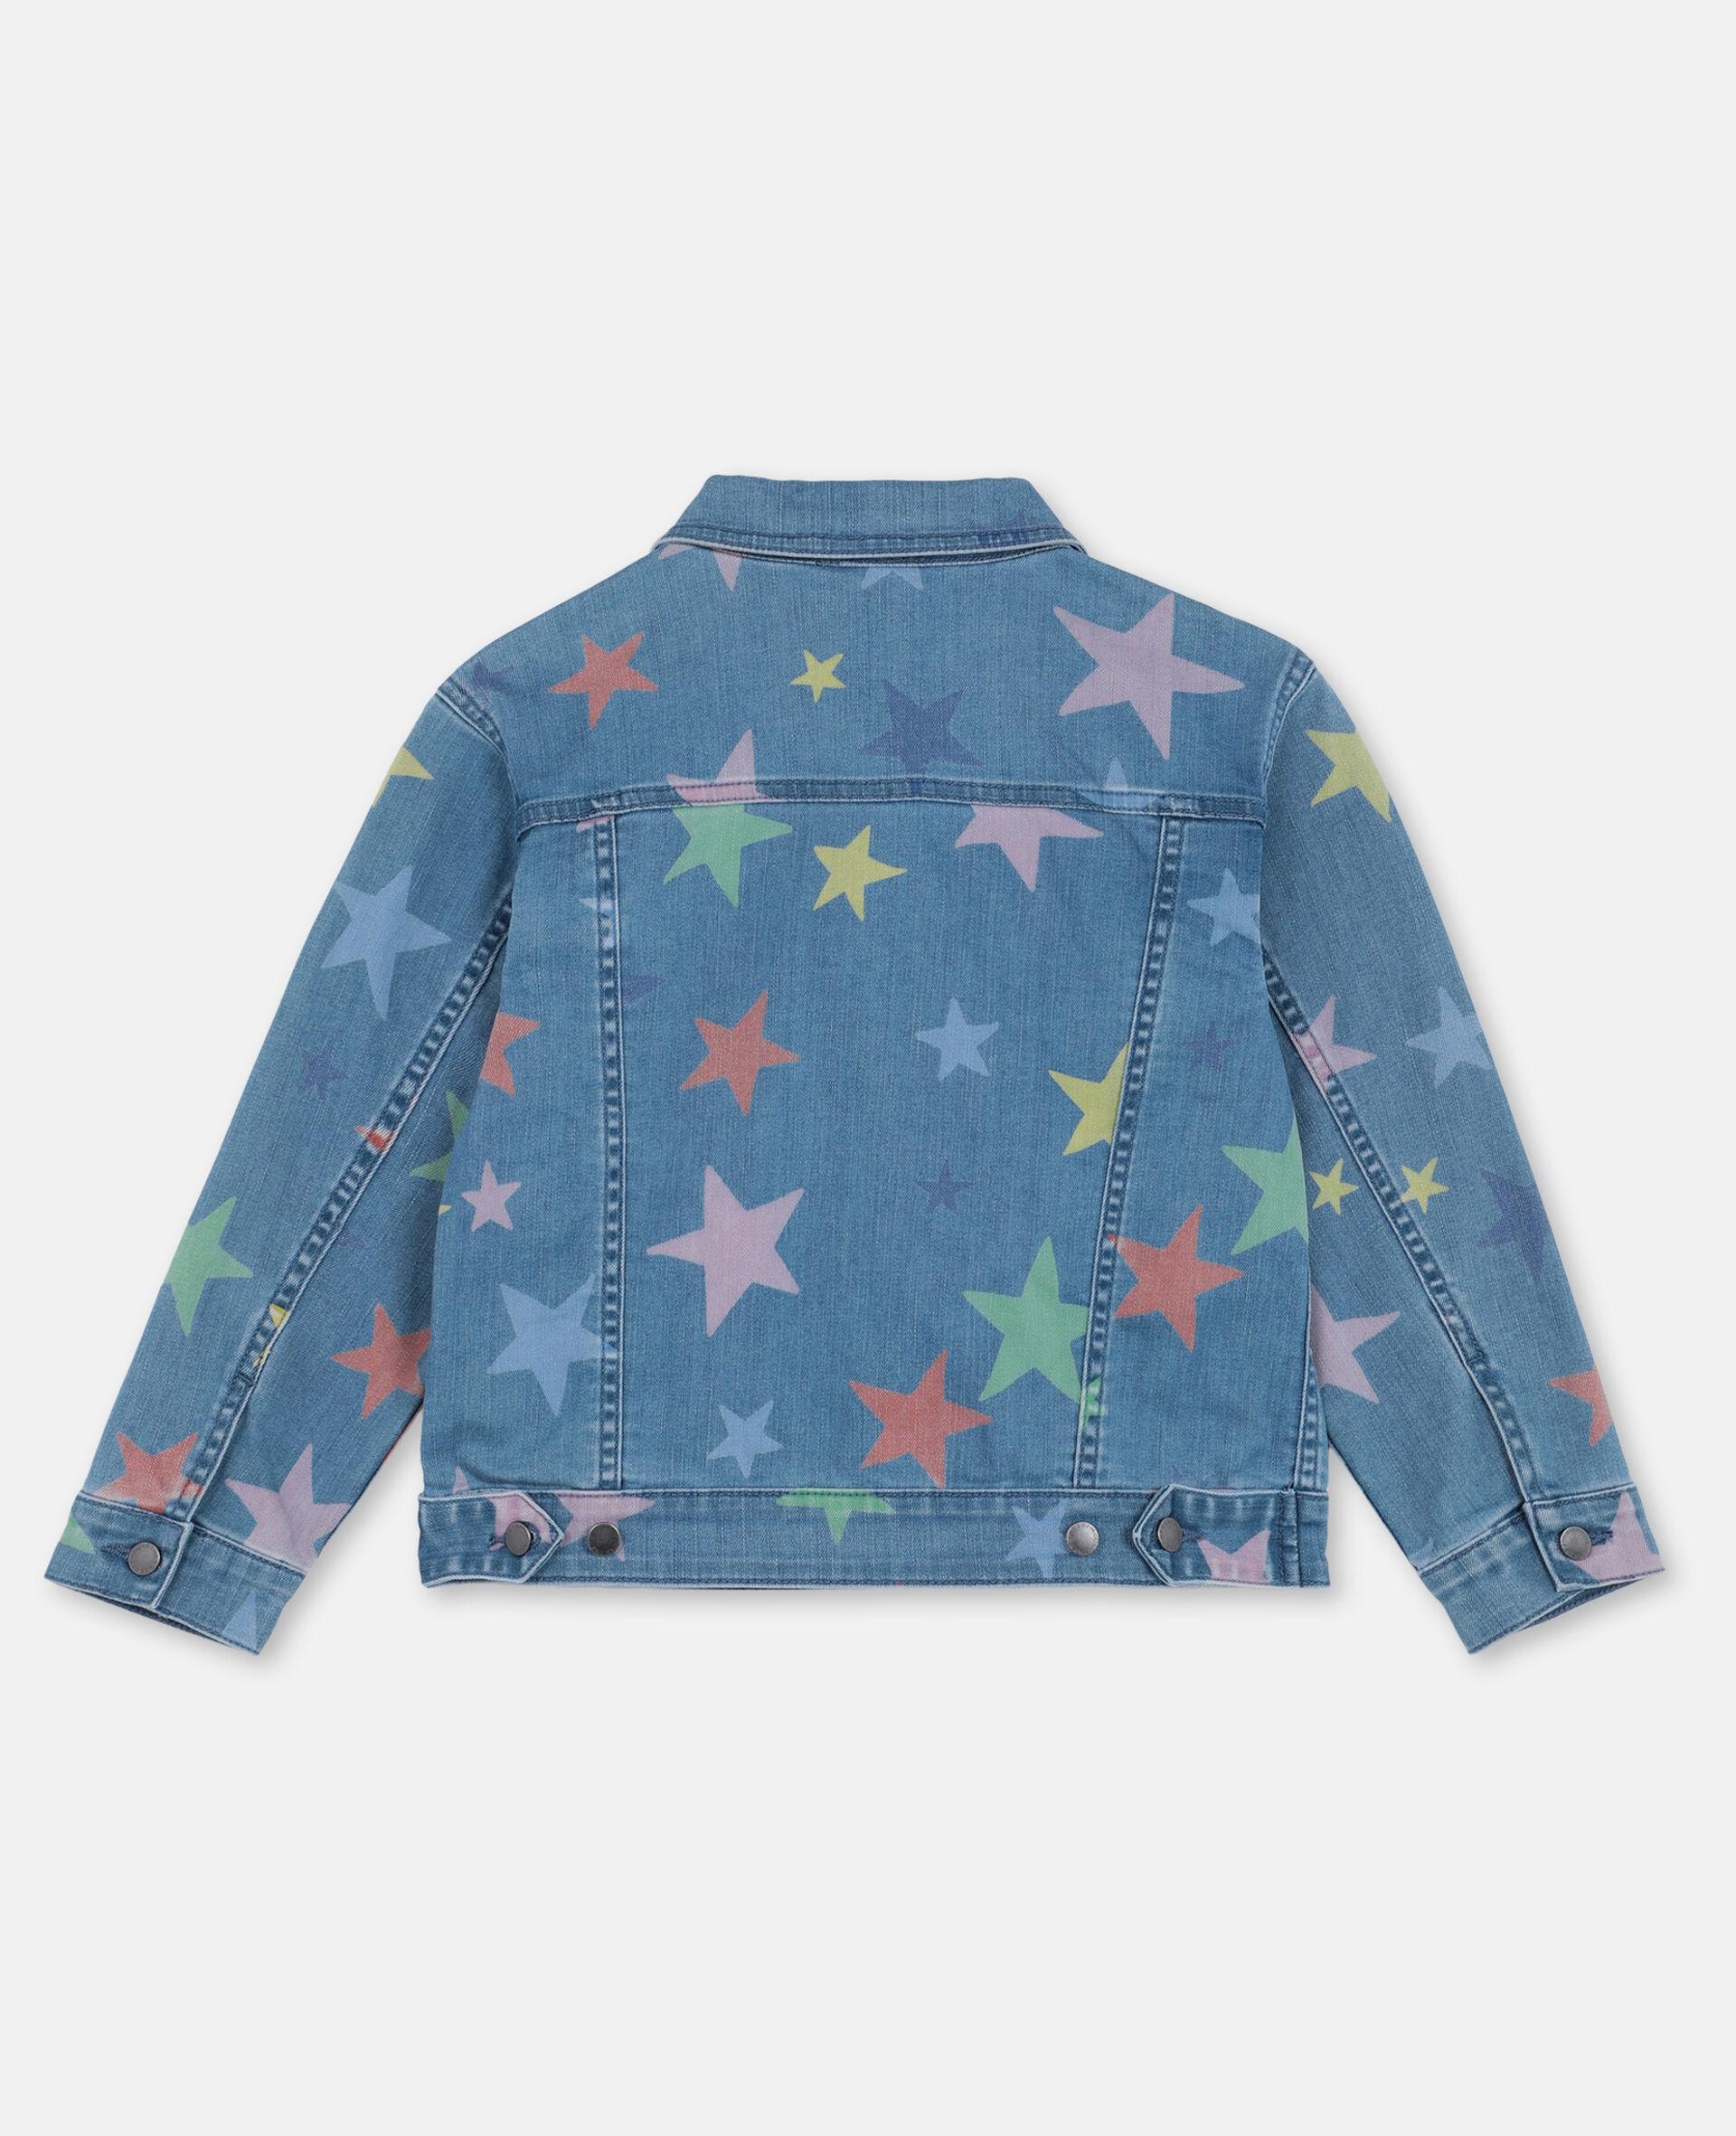 Veste en denim avec étoiles multicolores -Fantaisie-large image number 3